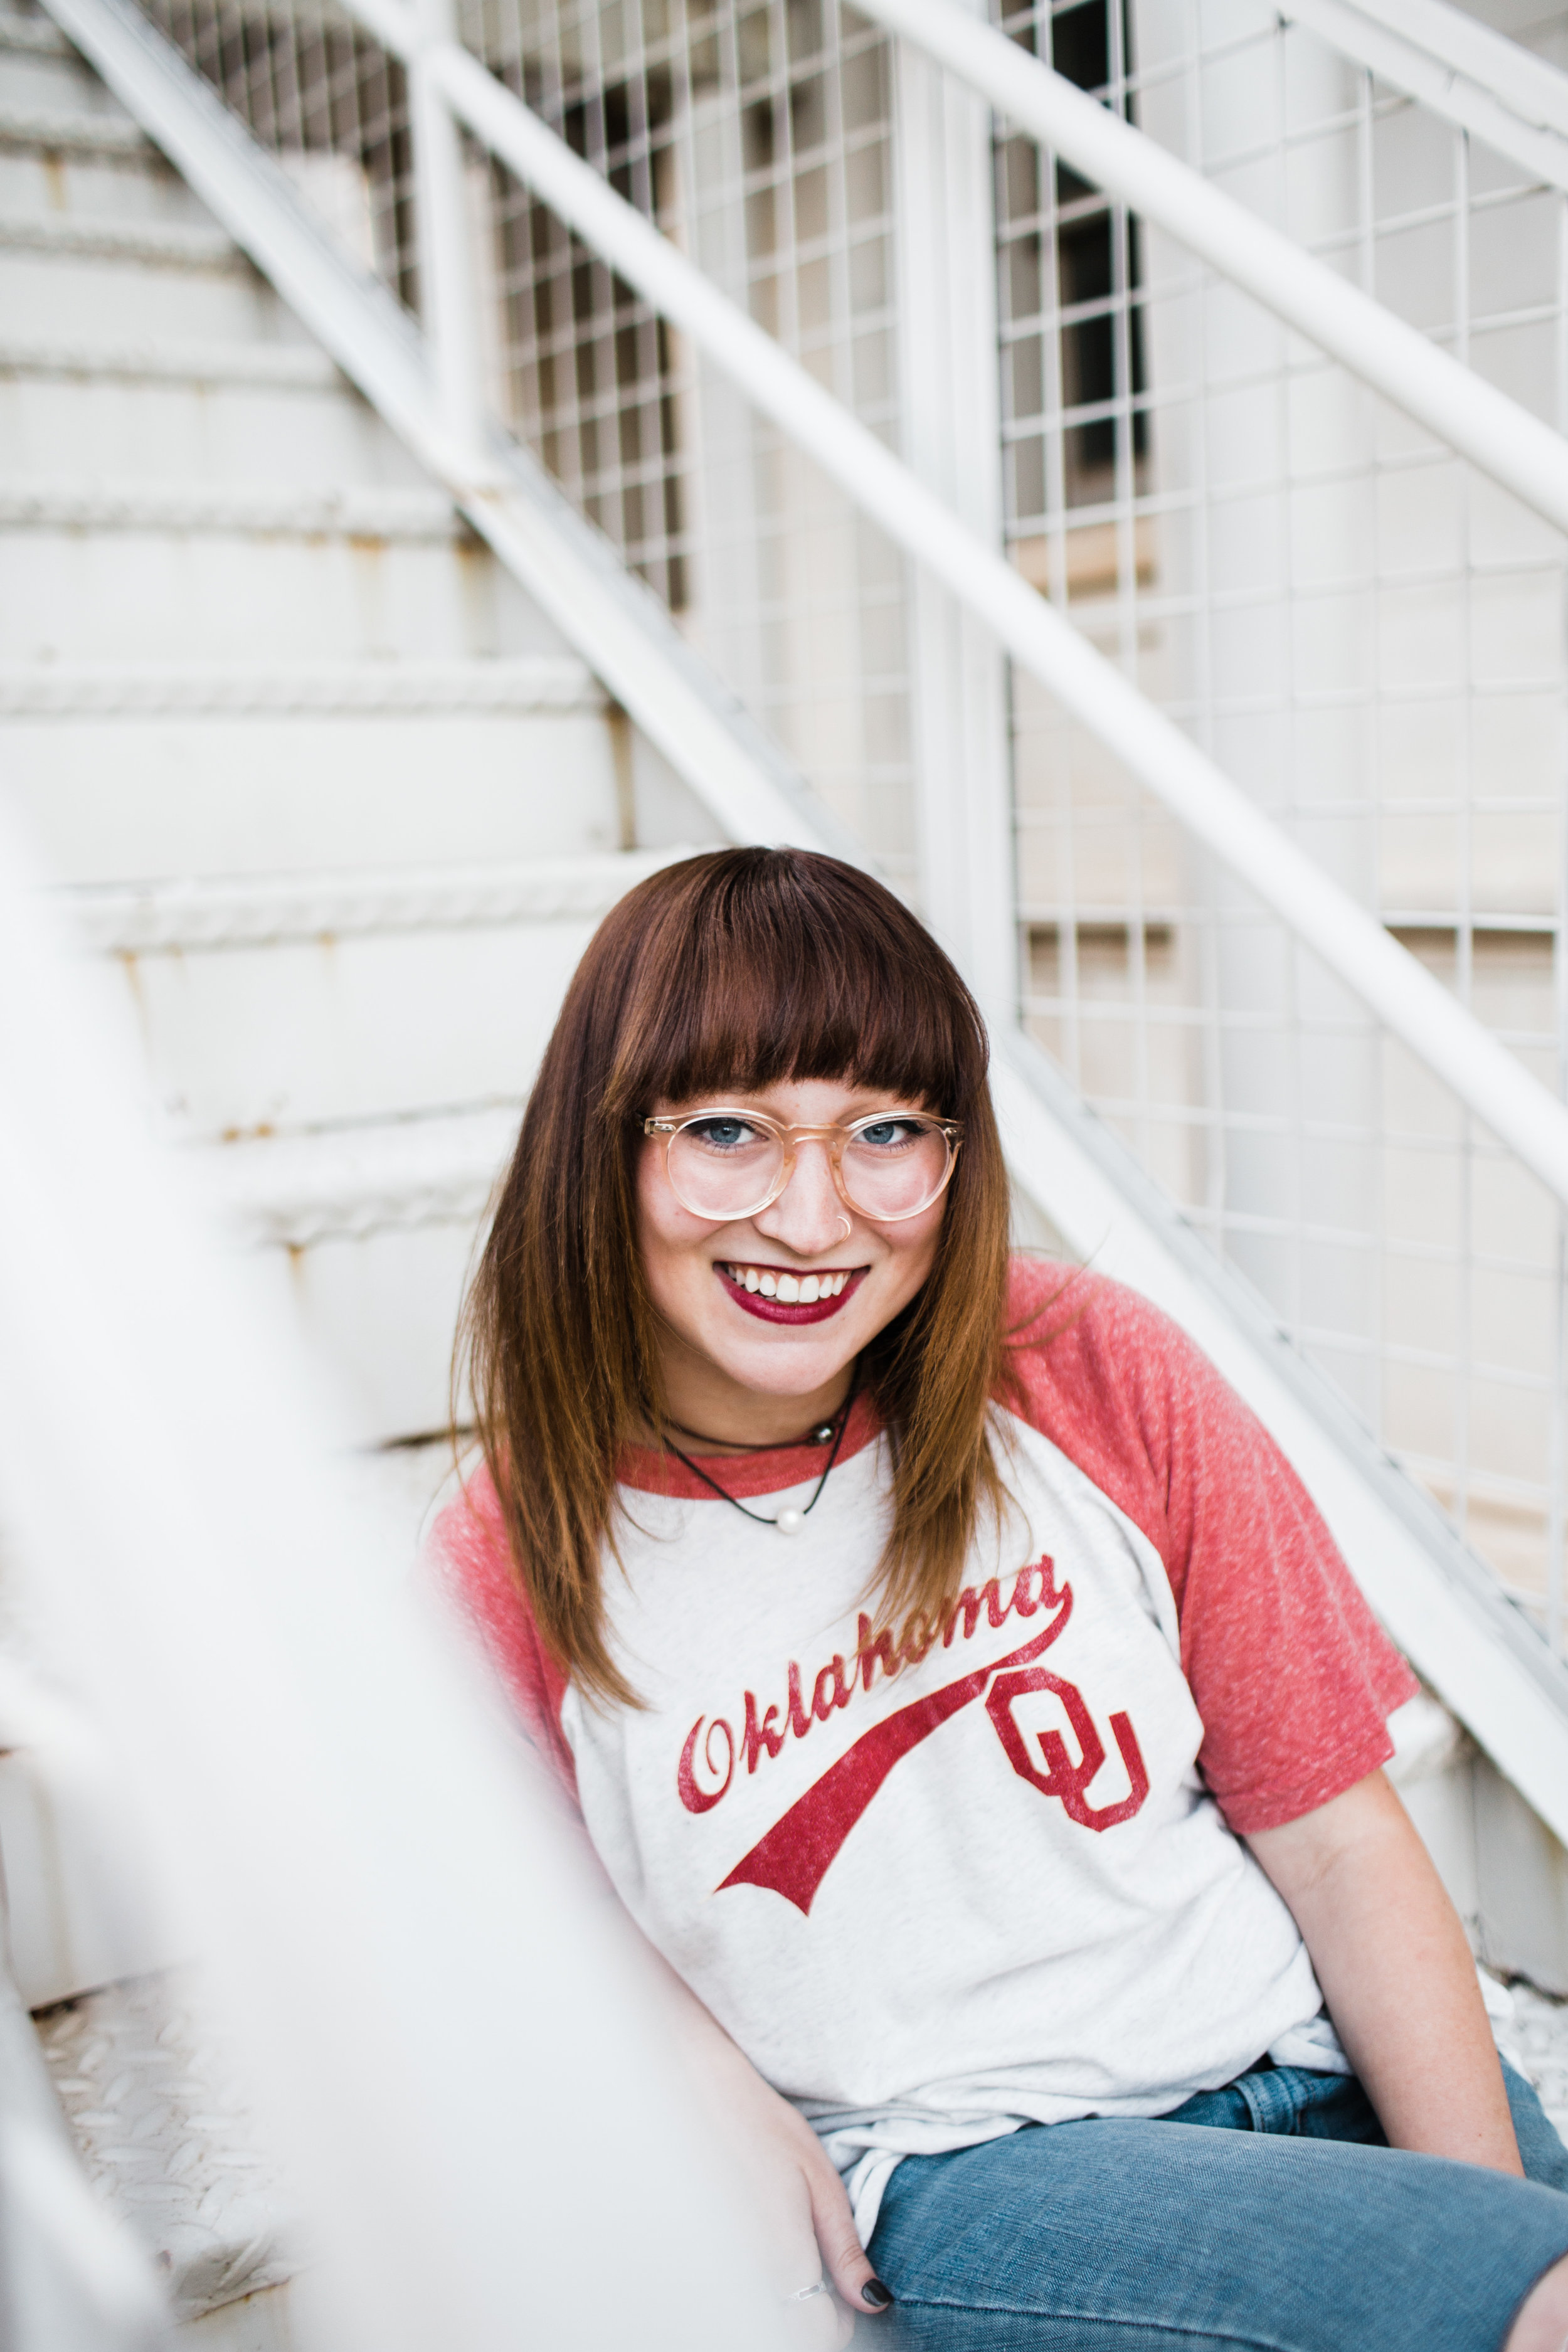 Senior girl posing on stairs